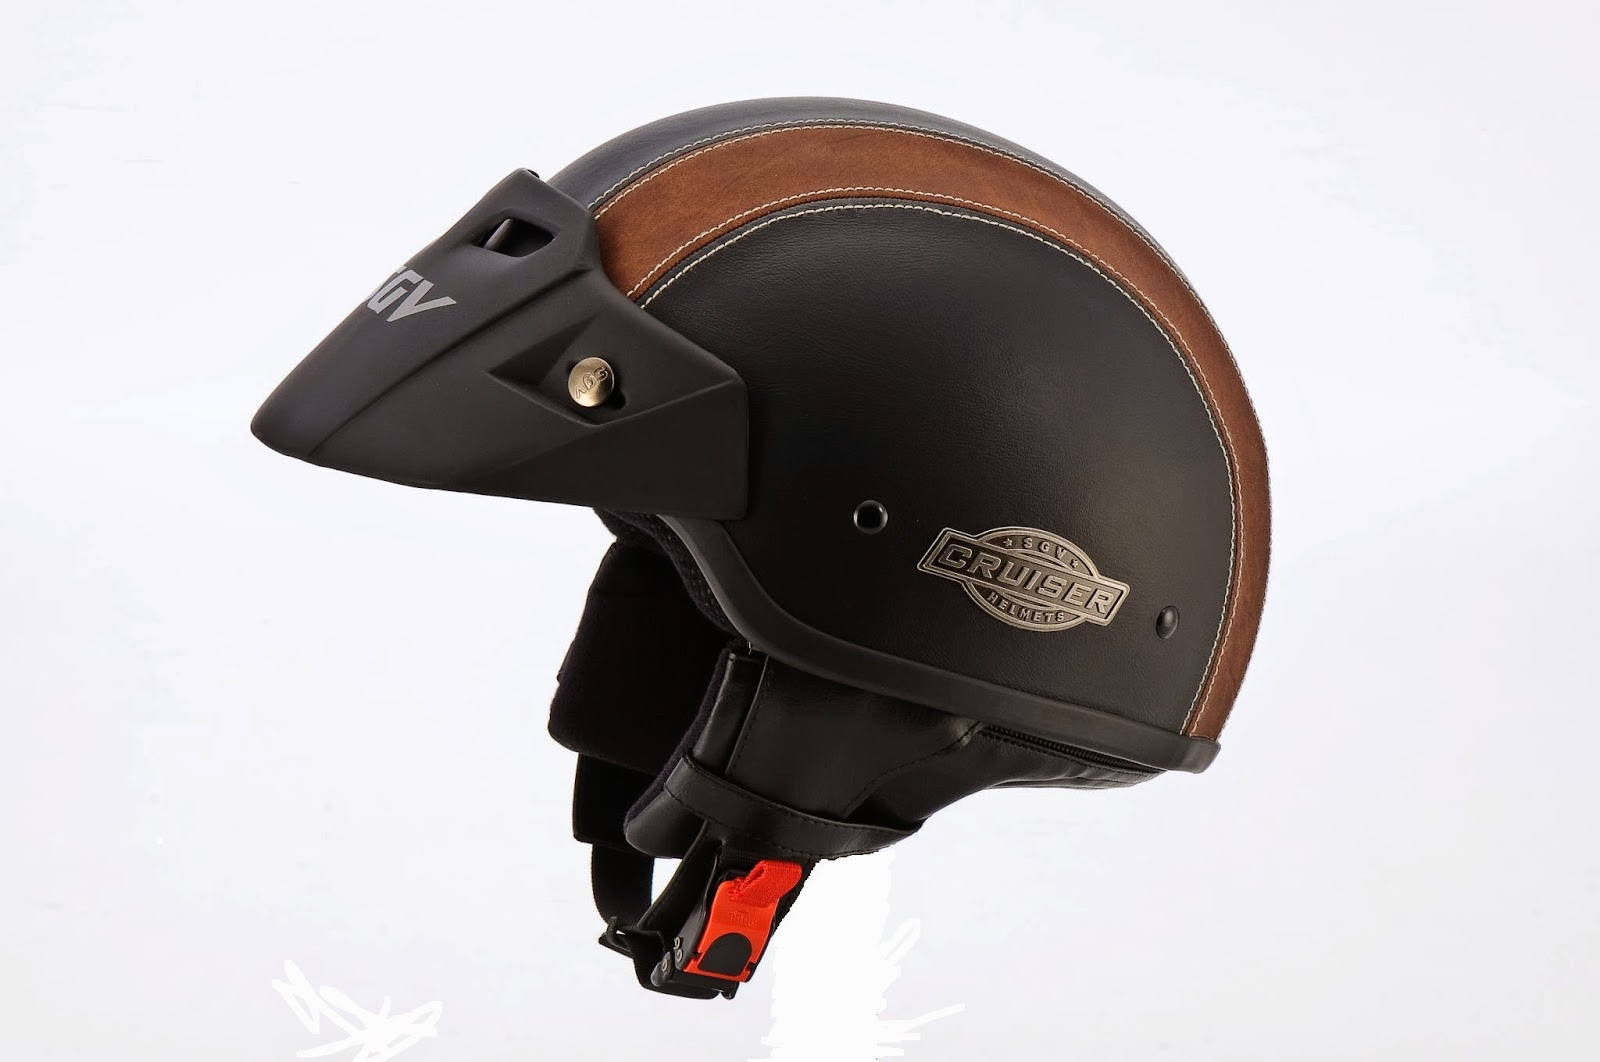 Cerita Helmet Agv Dan Sgv Apakah Bezanya